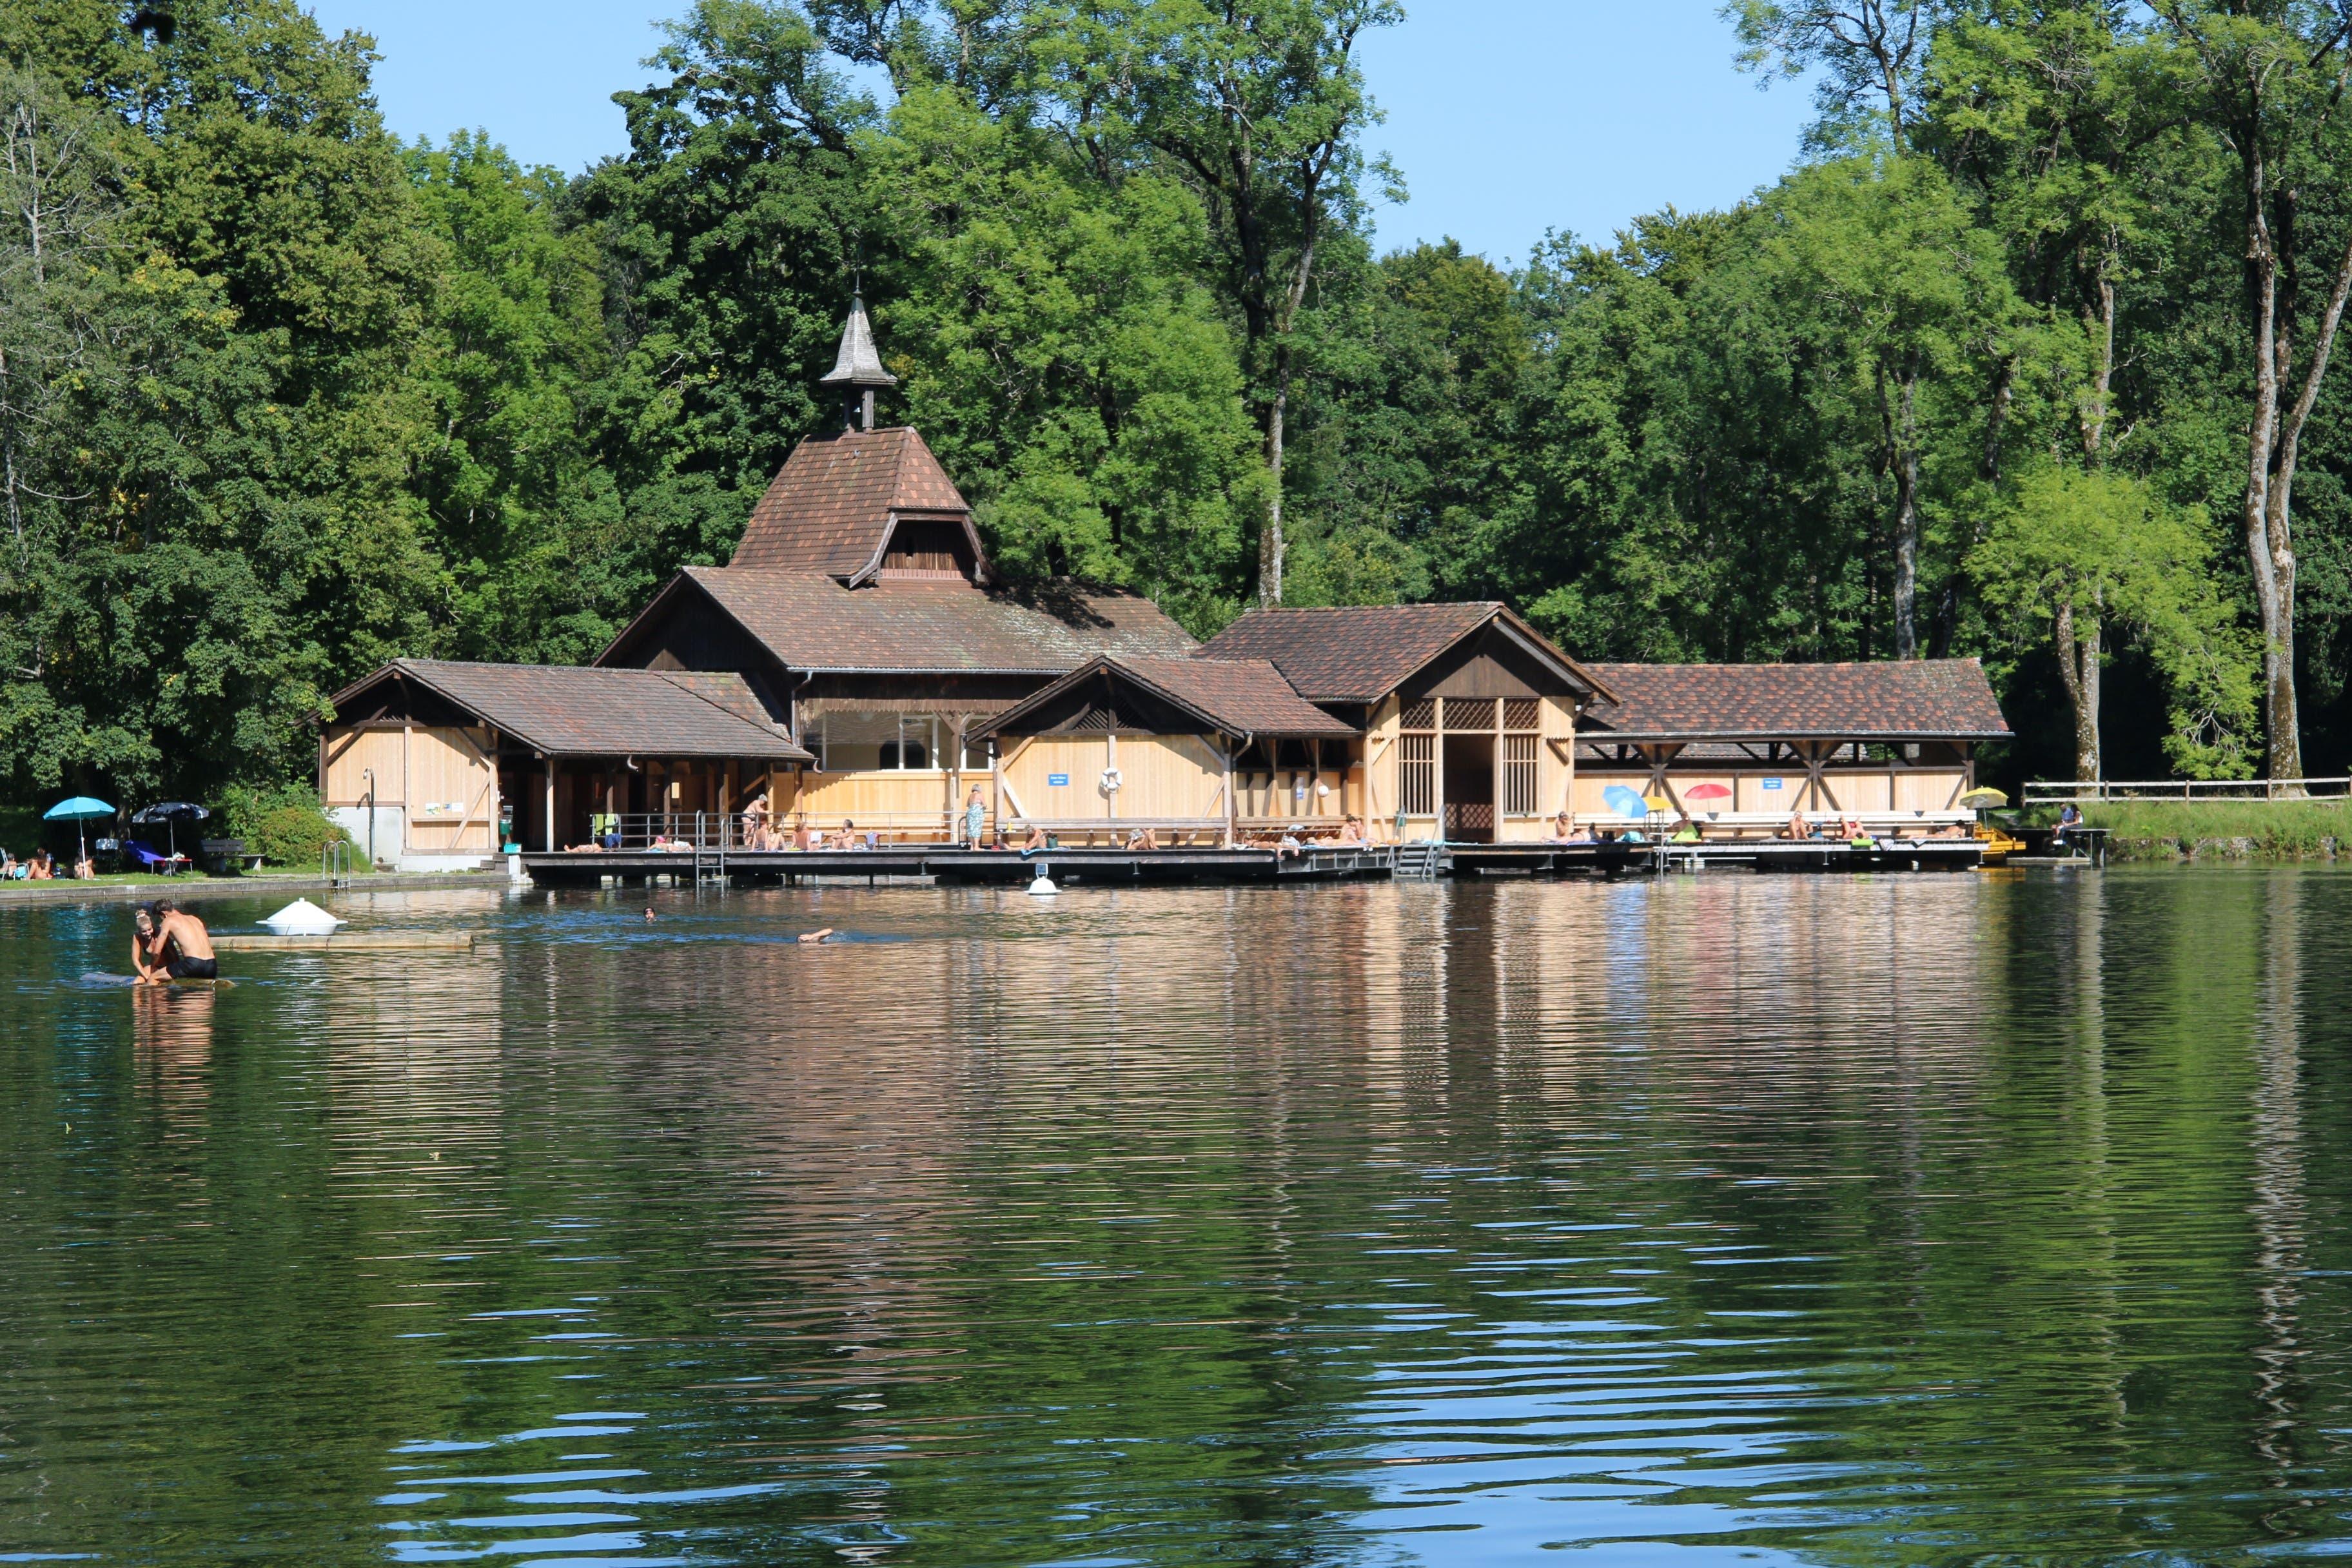 Die sanierte Frauenbadhütte ist und bleibt ein Bijou in einer idyllischen, aber auch intensiv zur Naherholung genutzten Landschaft.